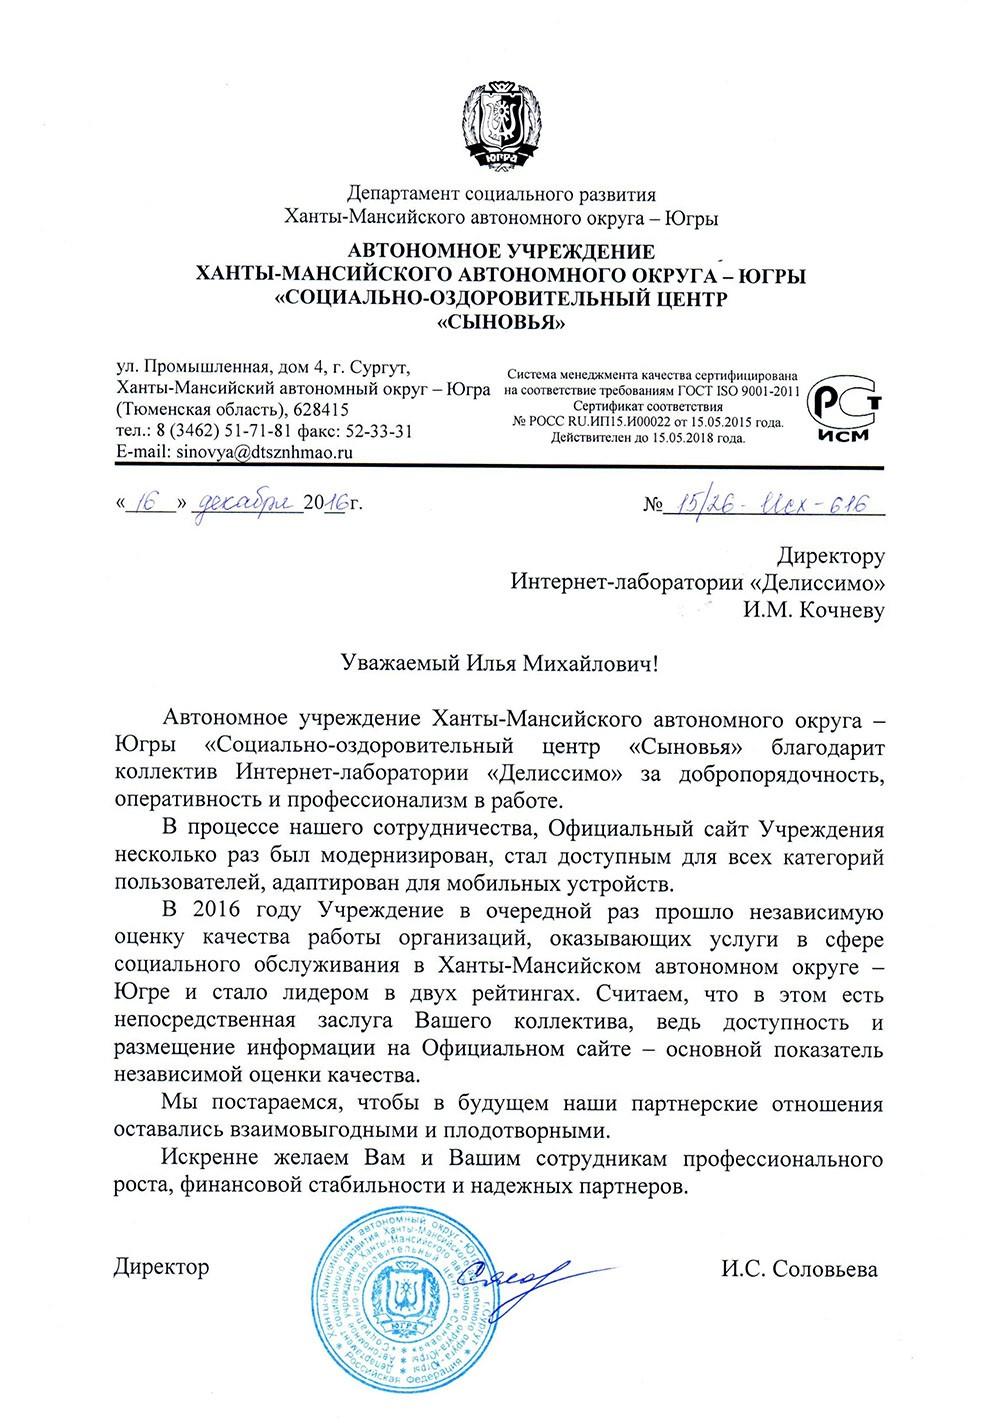 БУ СОЦ «Сыновья», г. Сургут, 2016г.